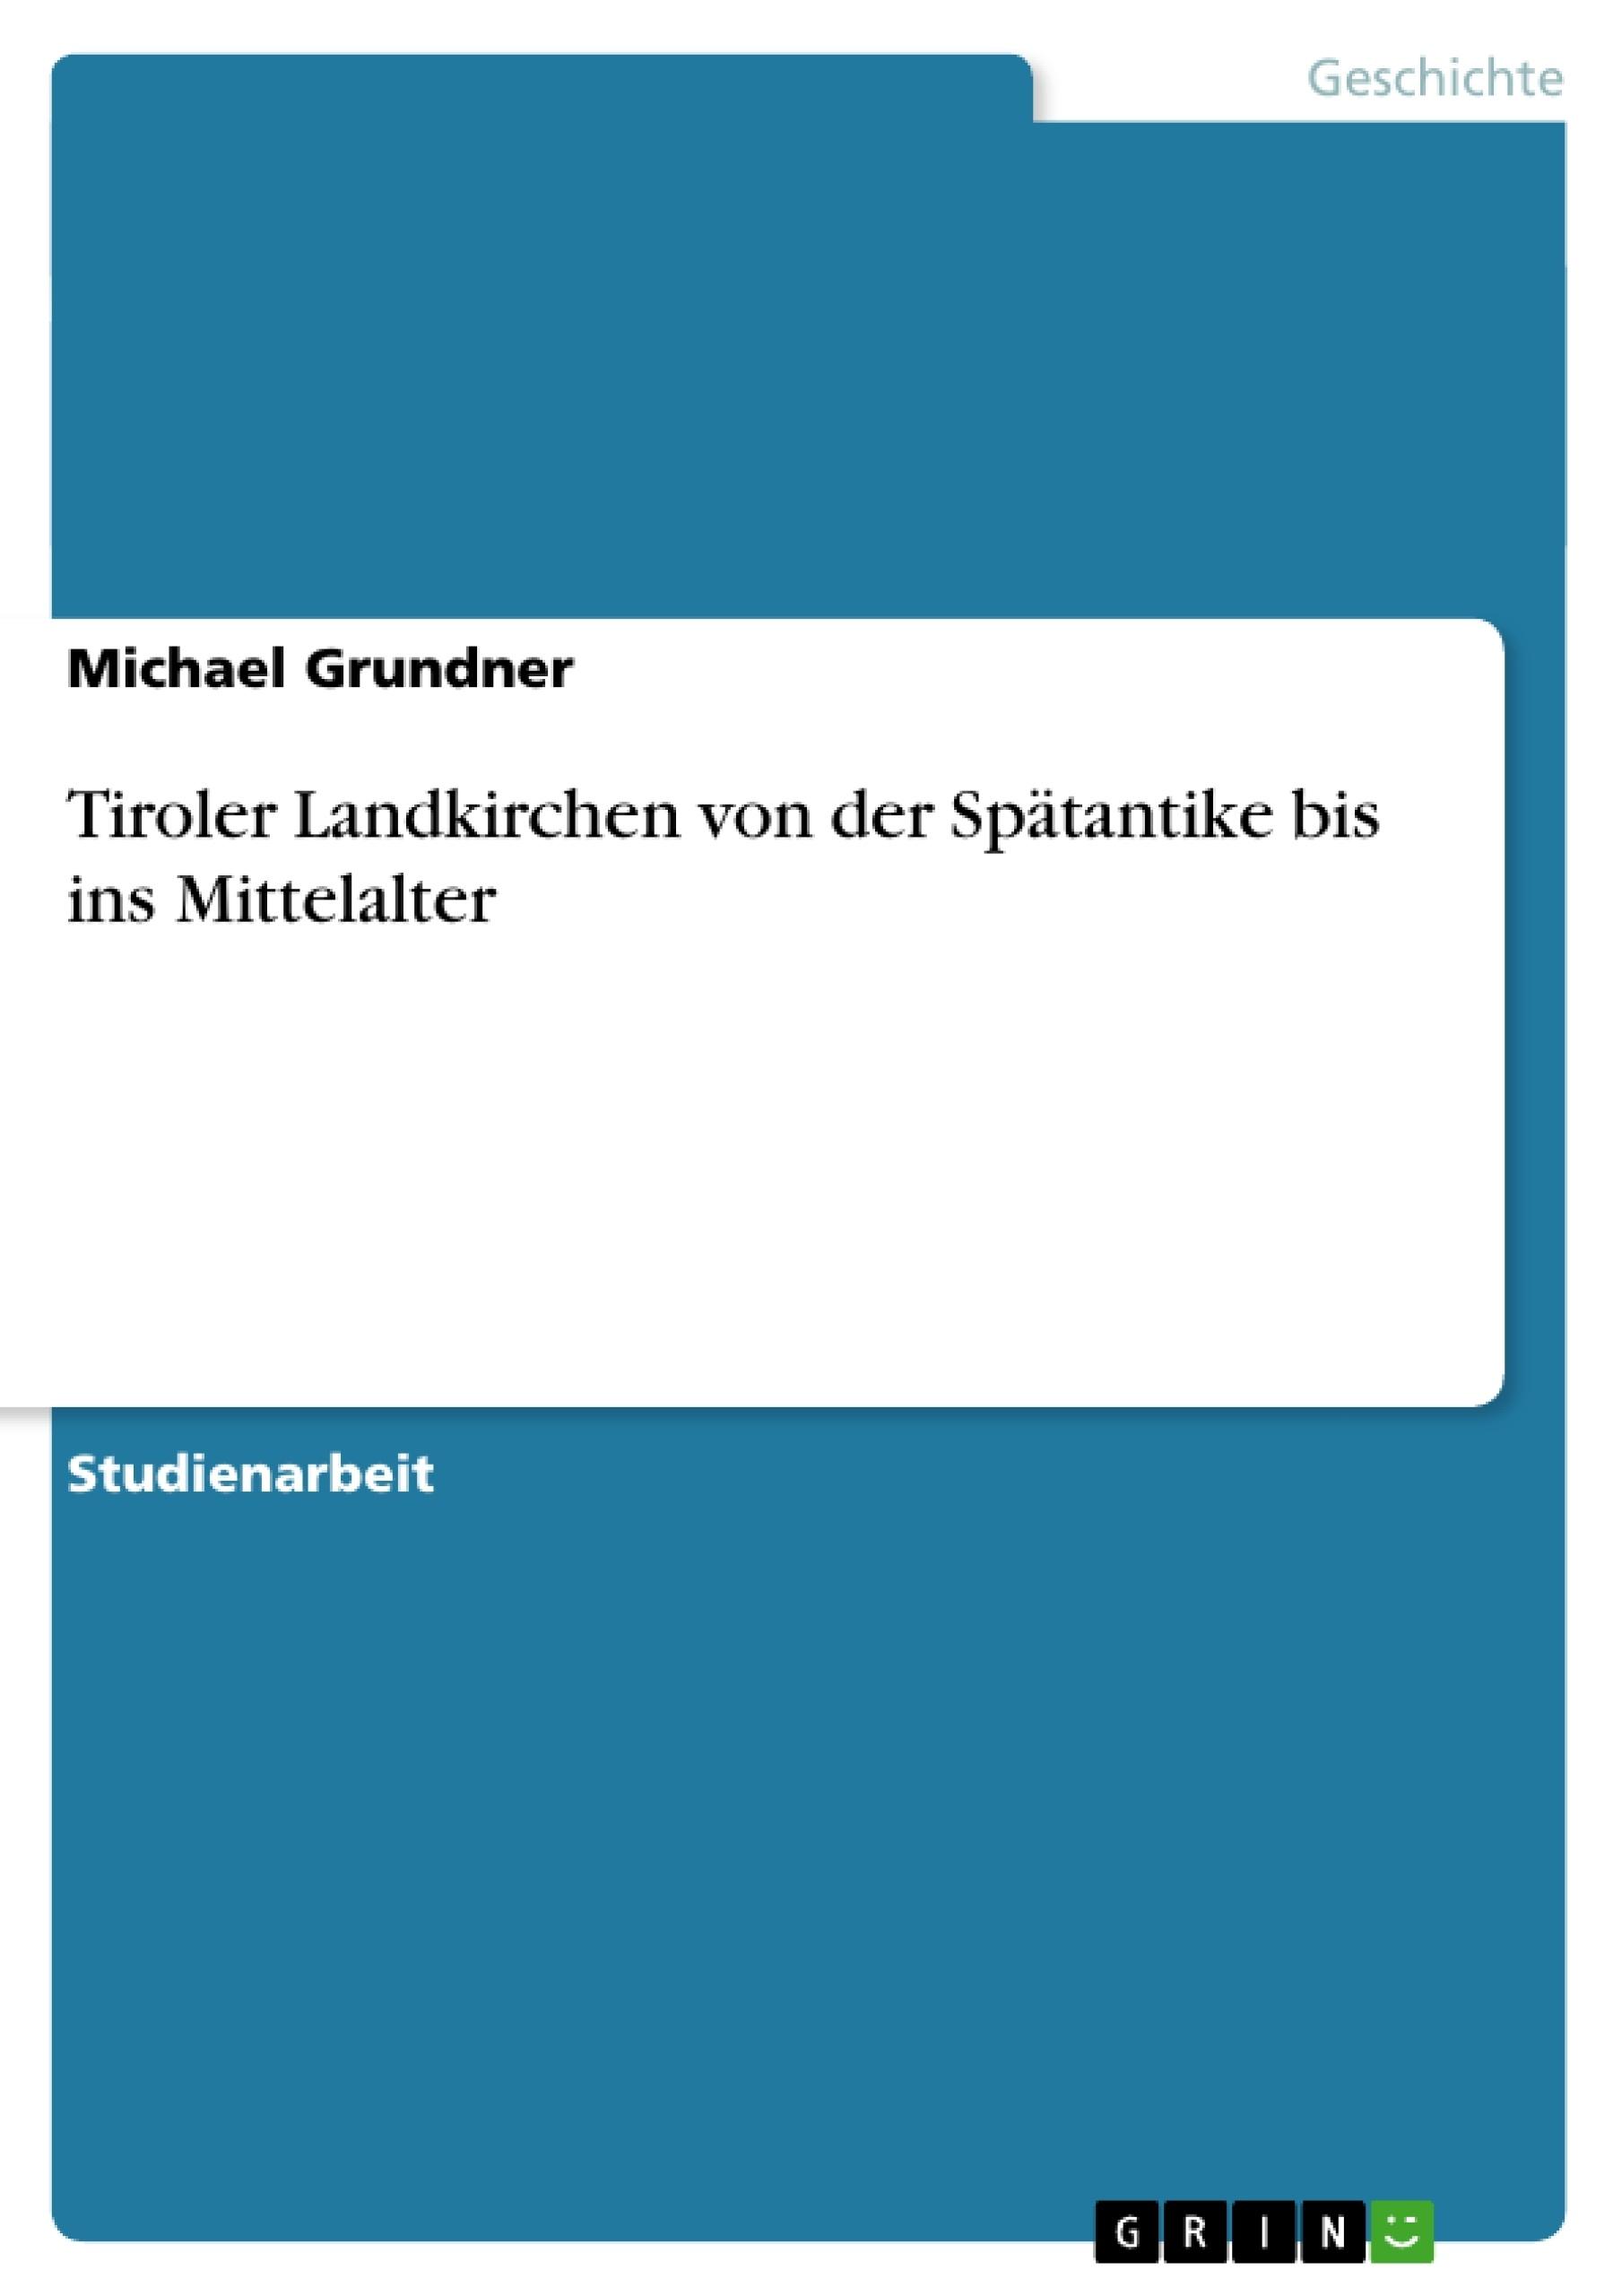 Titel: Tiroler Landkirchen von der Spätantike bis ins Mittelalter